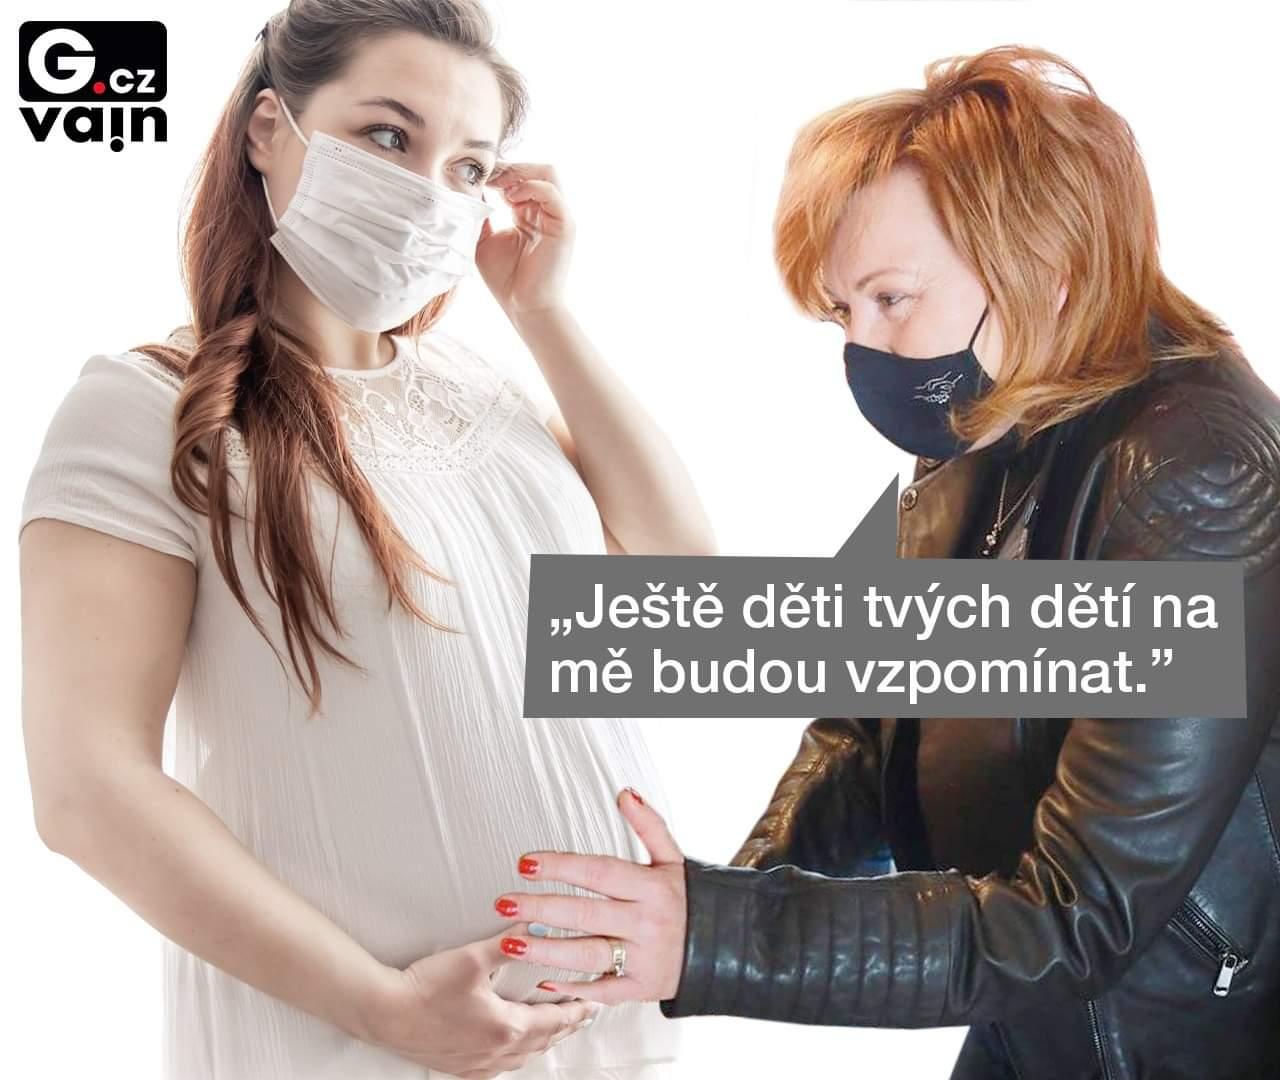 Obrázek ZarivezitrkysAlenkou